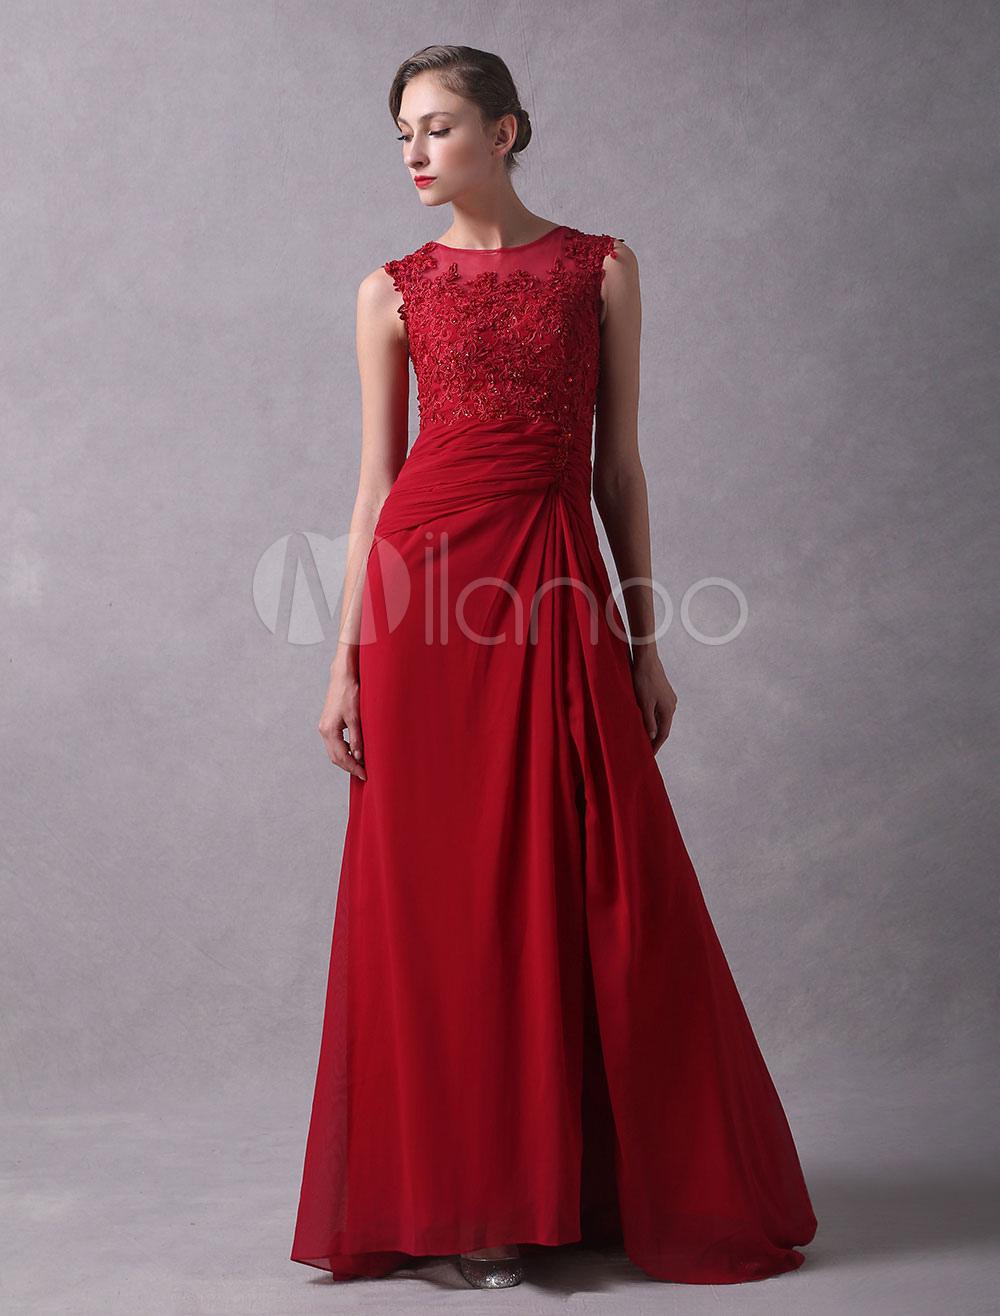 8de2f710cf1 Vestido de noche de chifón Color rojo rubí sin mangas con escote ...